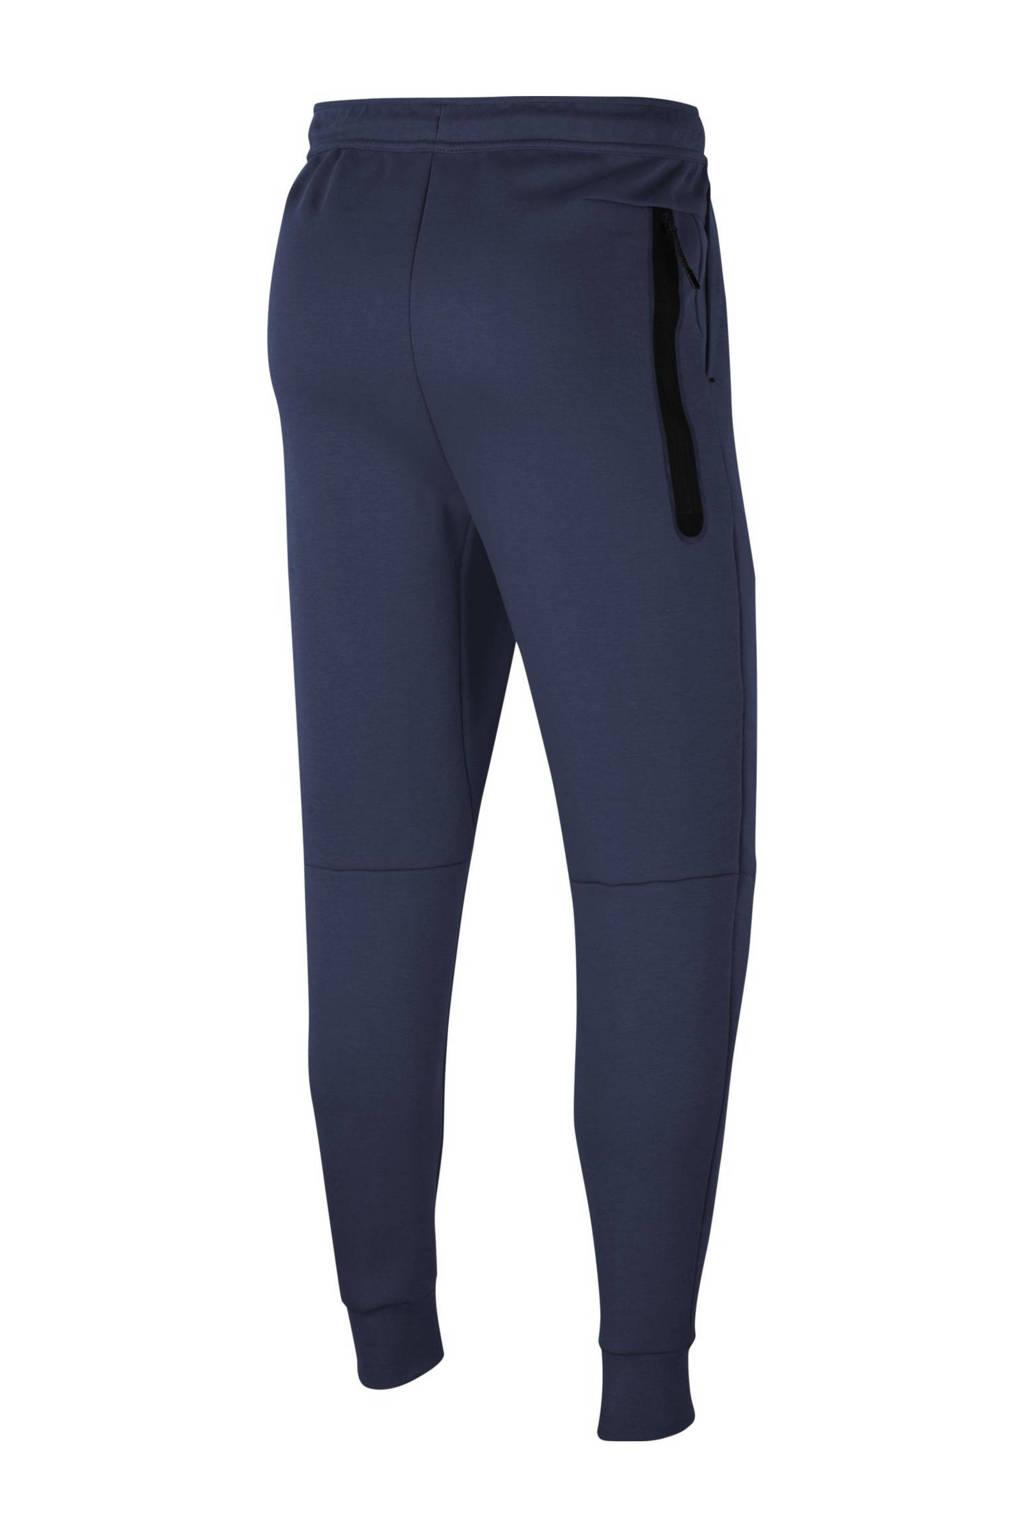 Nike Tech Fleece joggingbroek donkerblauw/zwart, Donkerblauw/zwart